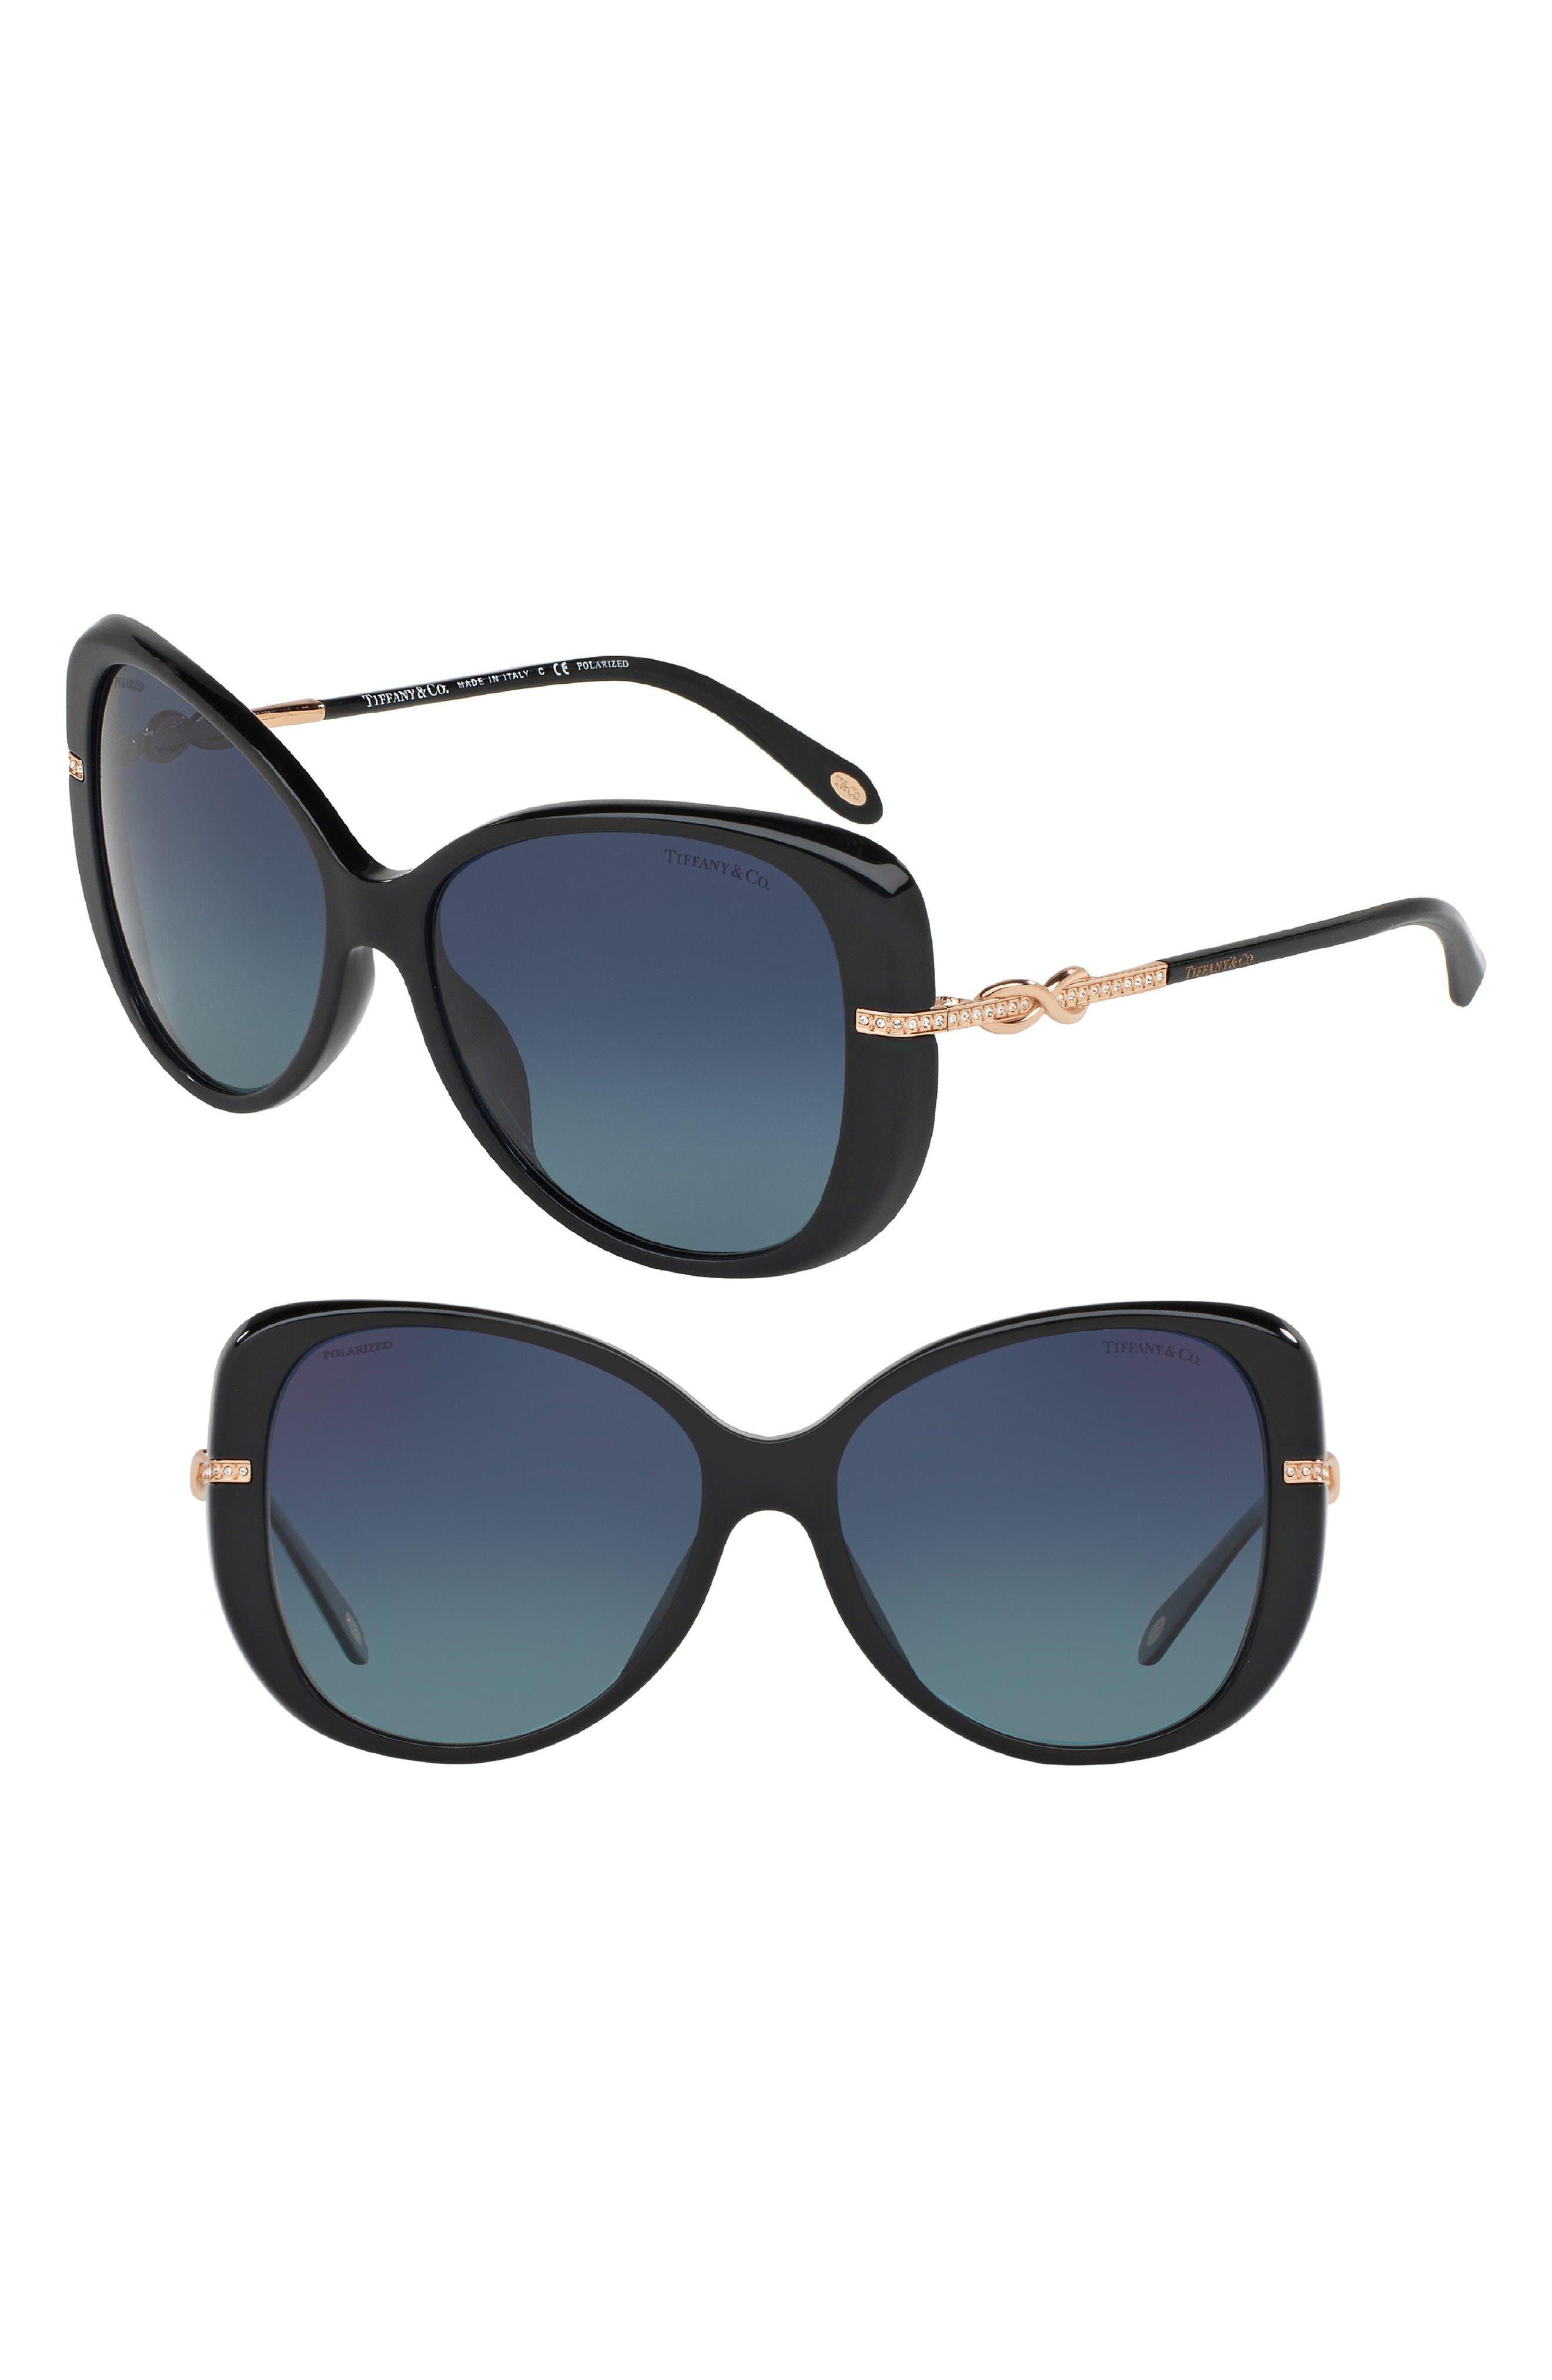 d5285b94c3ab0 Tiffany   Co. Sunglasses for Women